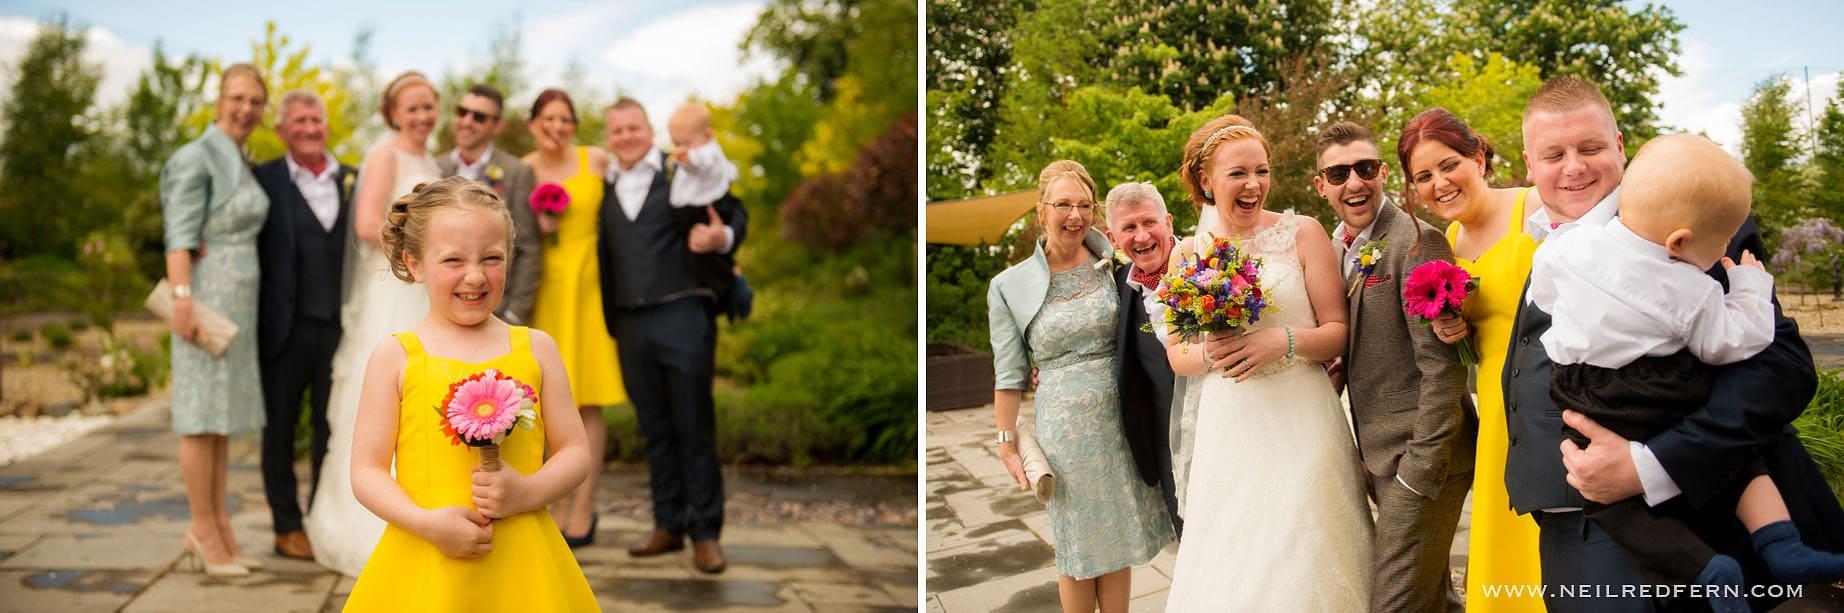 Styal Lodge wedding photographer 23